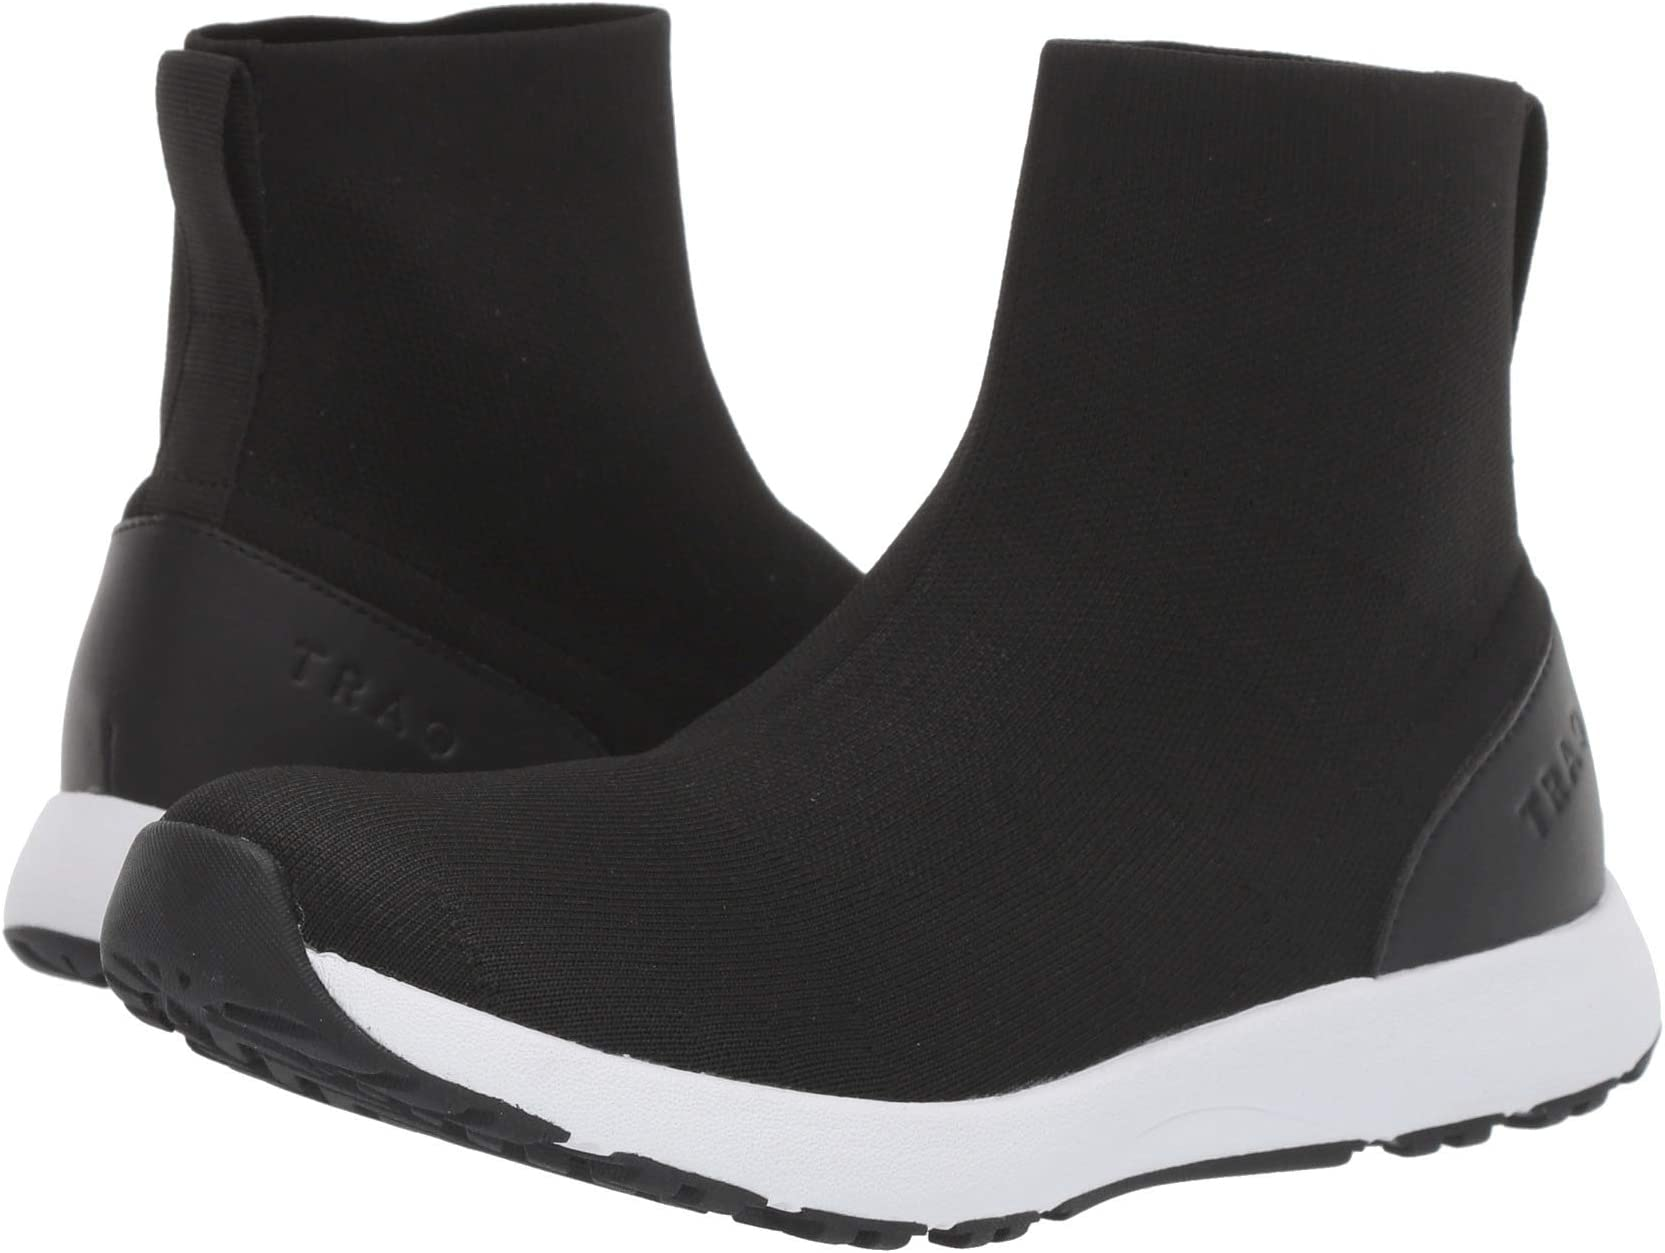 TC-3-Boots-2019-04-08